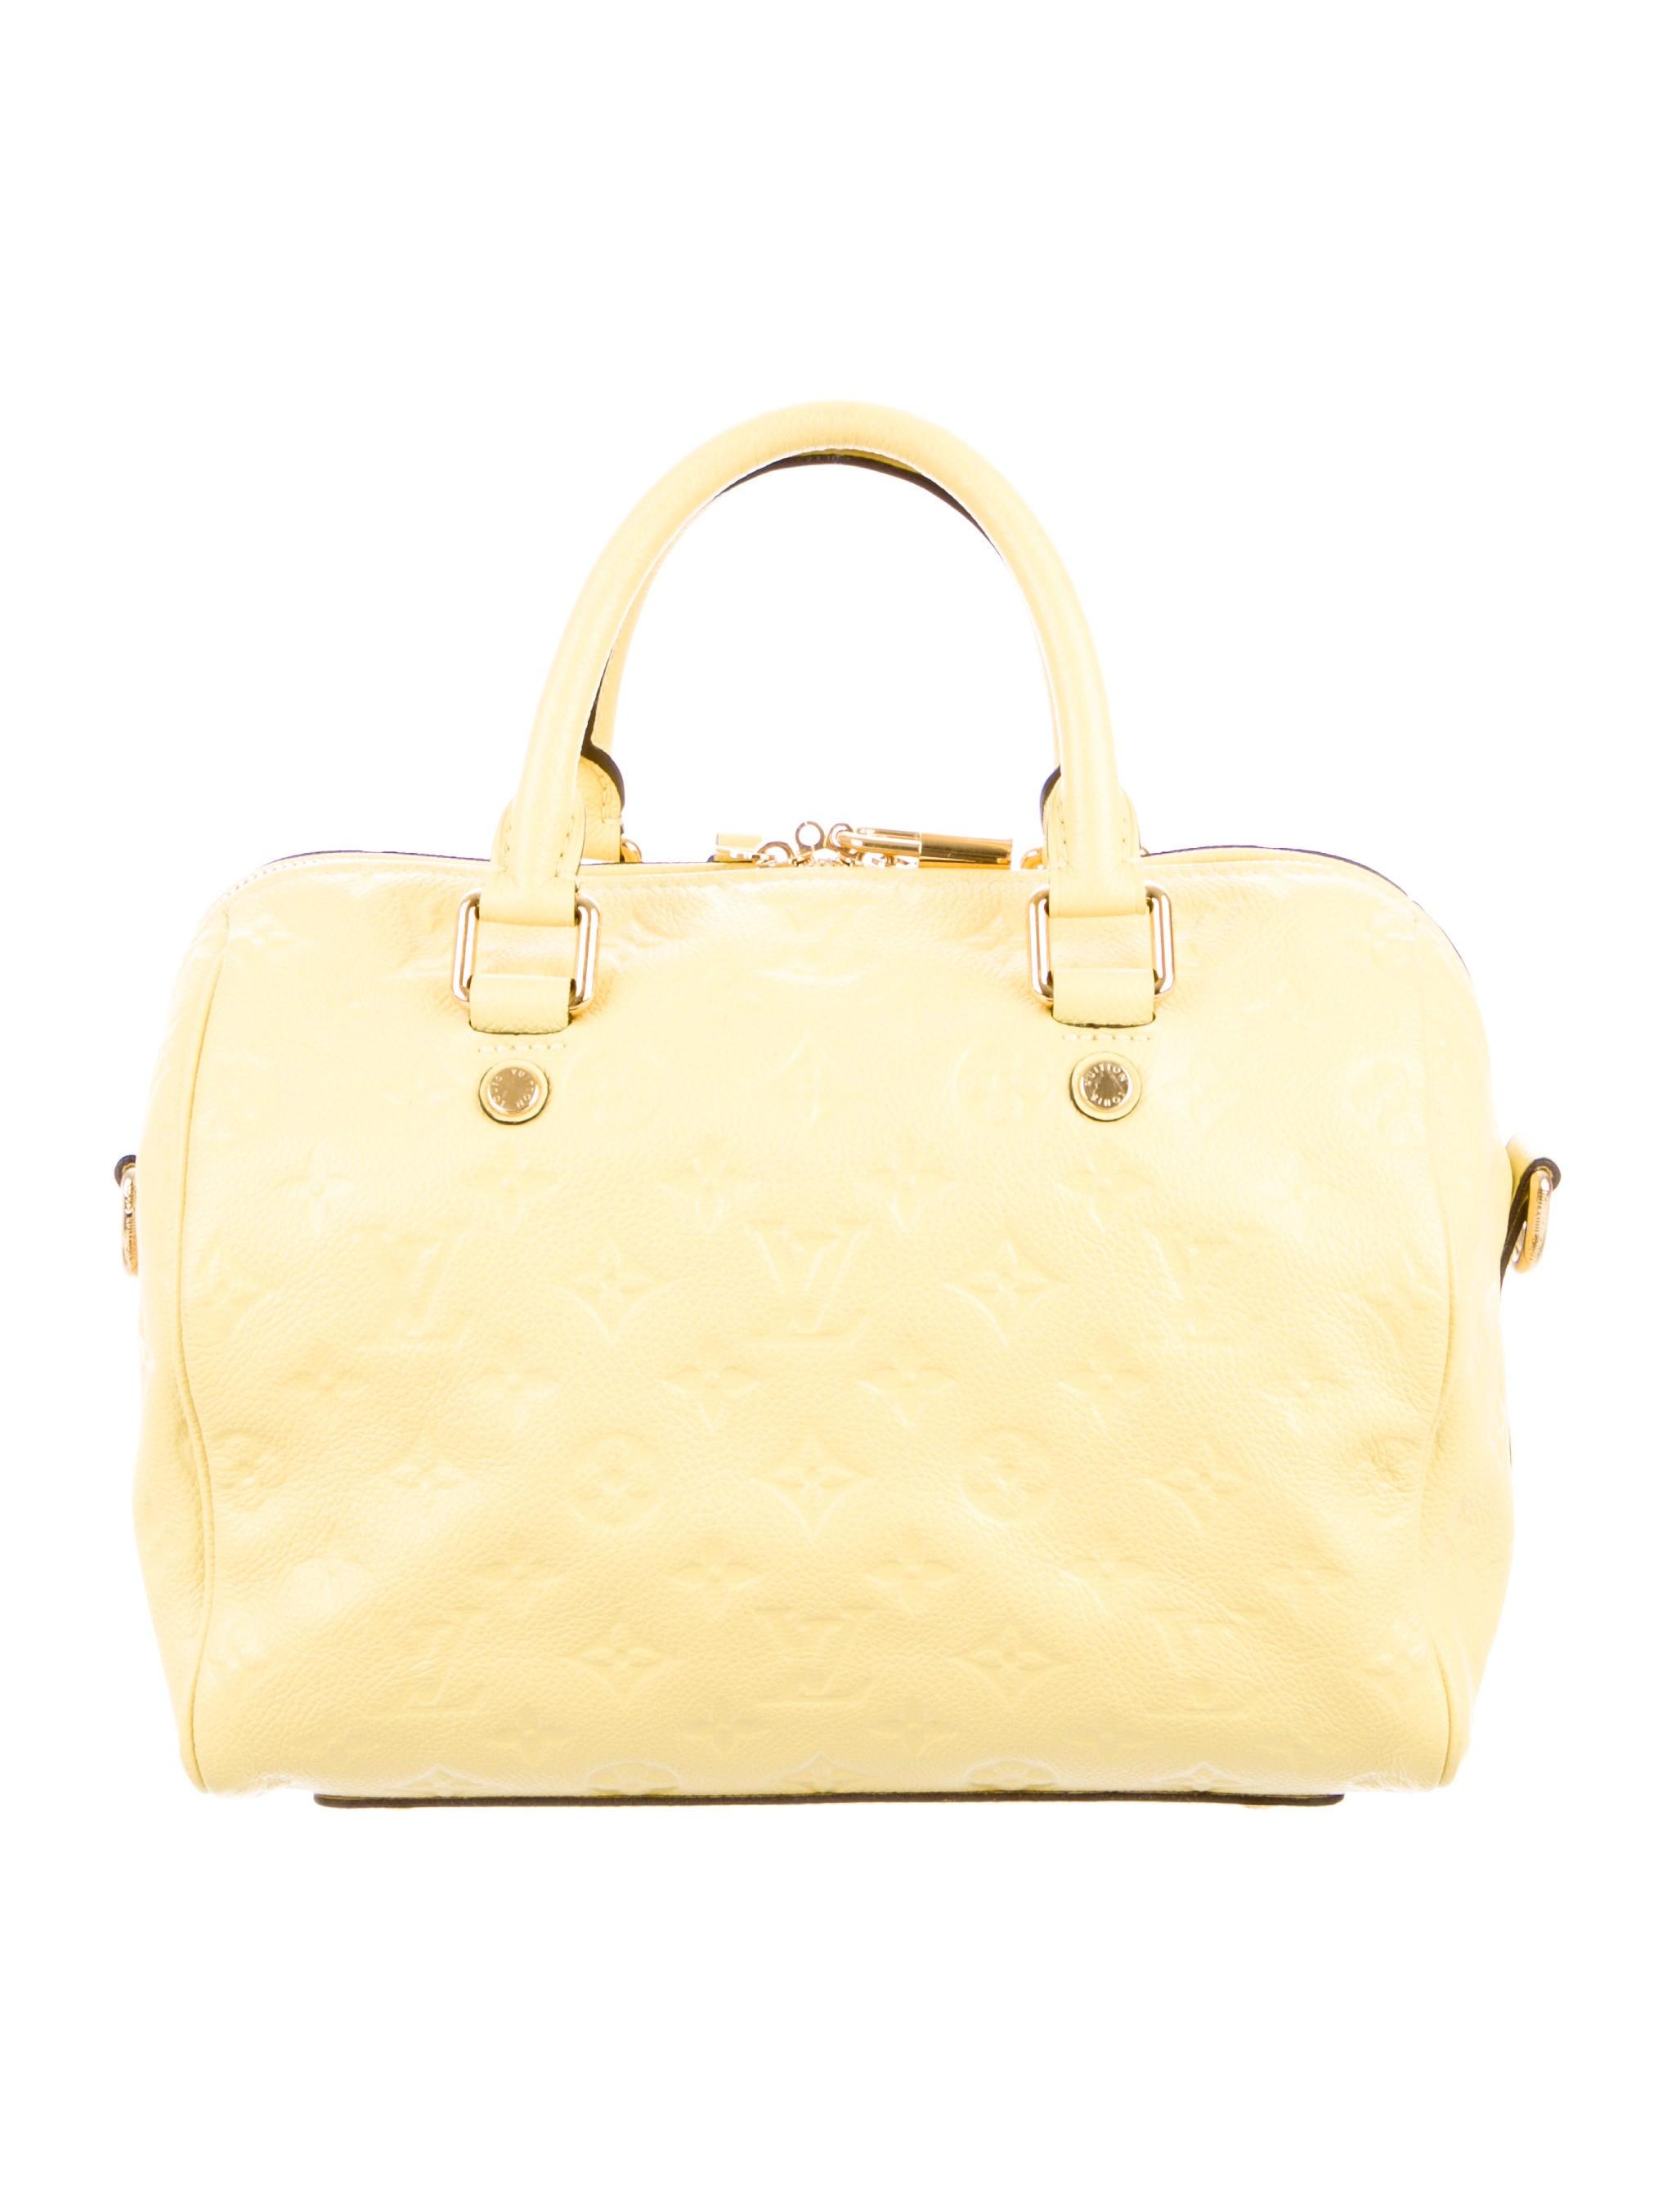 Louis Vuitton Empreinte Speedy Bandoulière 25 - Handbags